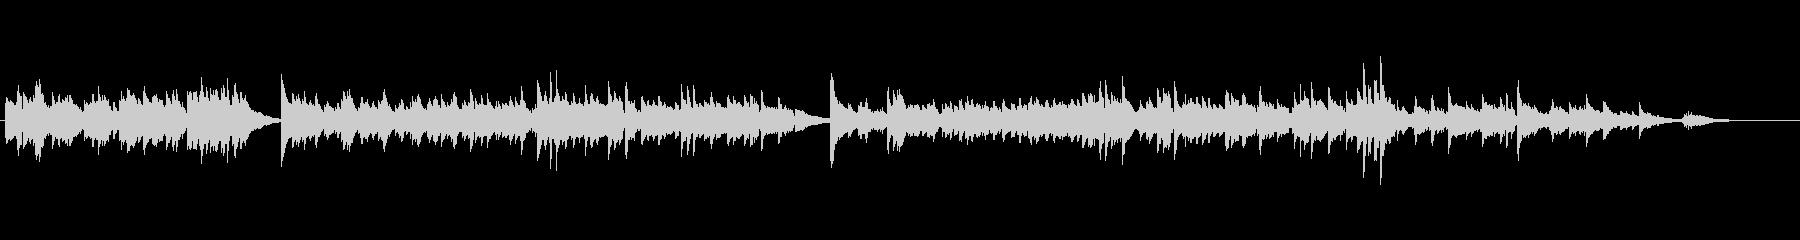 3拍子なアコースティックの未再生の波形